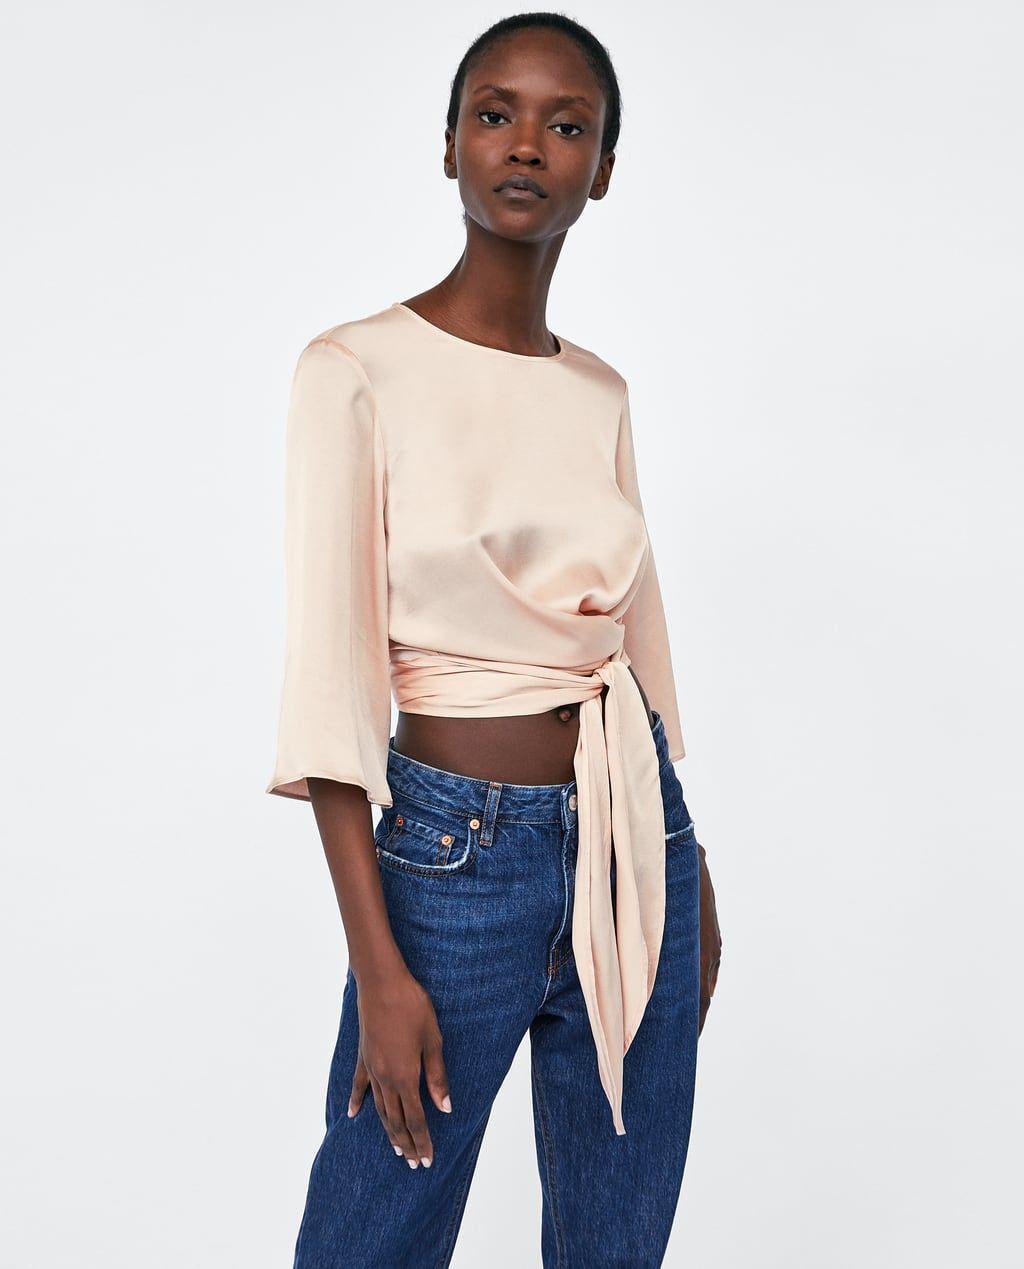 deaa6e5d4 SATIN CROP TOP from Zara | Under $50 | Favorite Steals + Deals ...